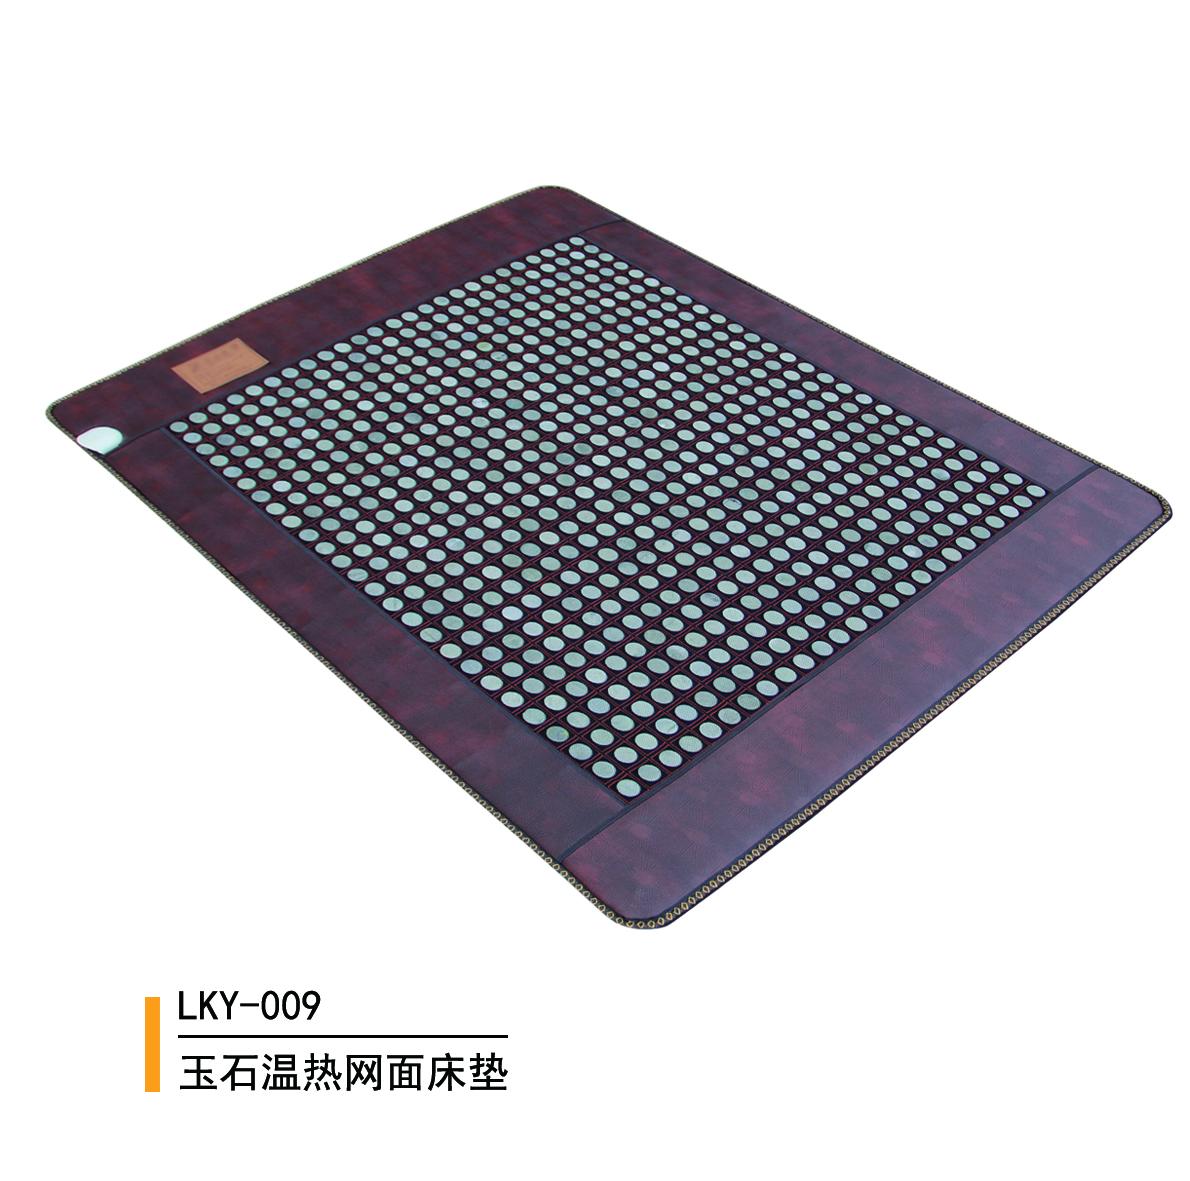 玉石温热网面床垫009